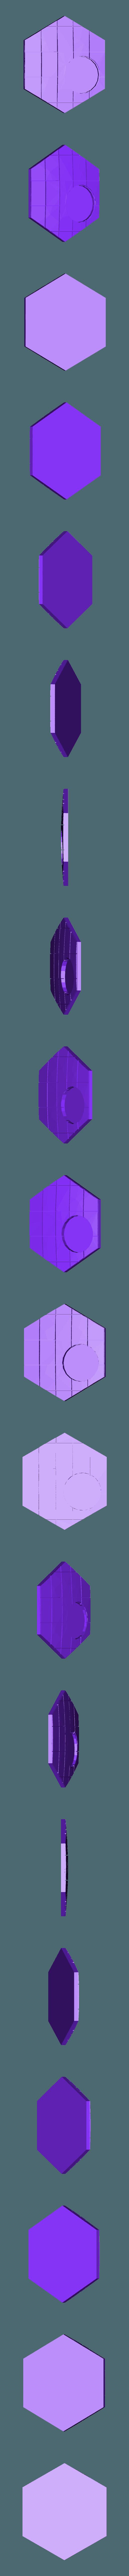 Catan_-_Wheat2.stl Télécharger fichier STL gratuit Jeu complet de carreaux Catan - Buse simple, multicouches multicolores • Objet pour impression 3D, Hardcore3D